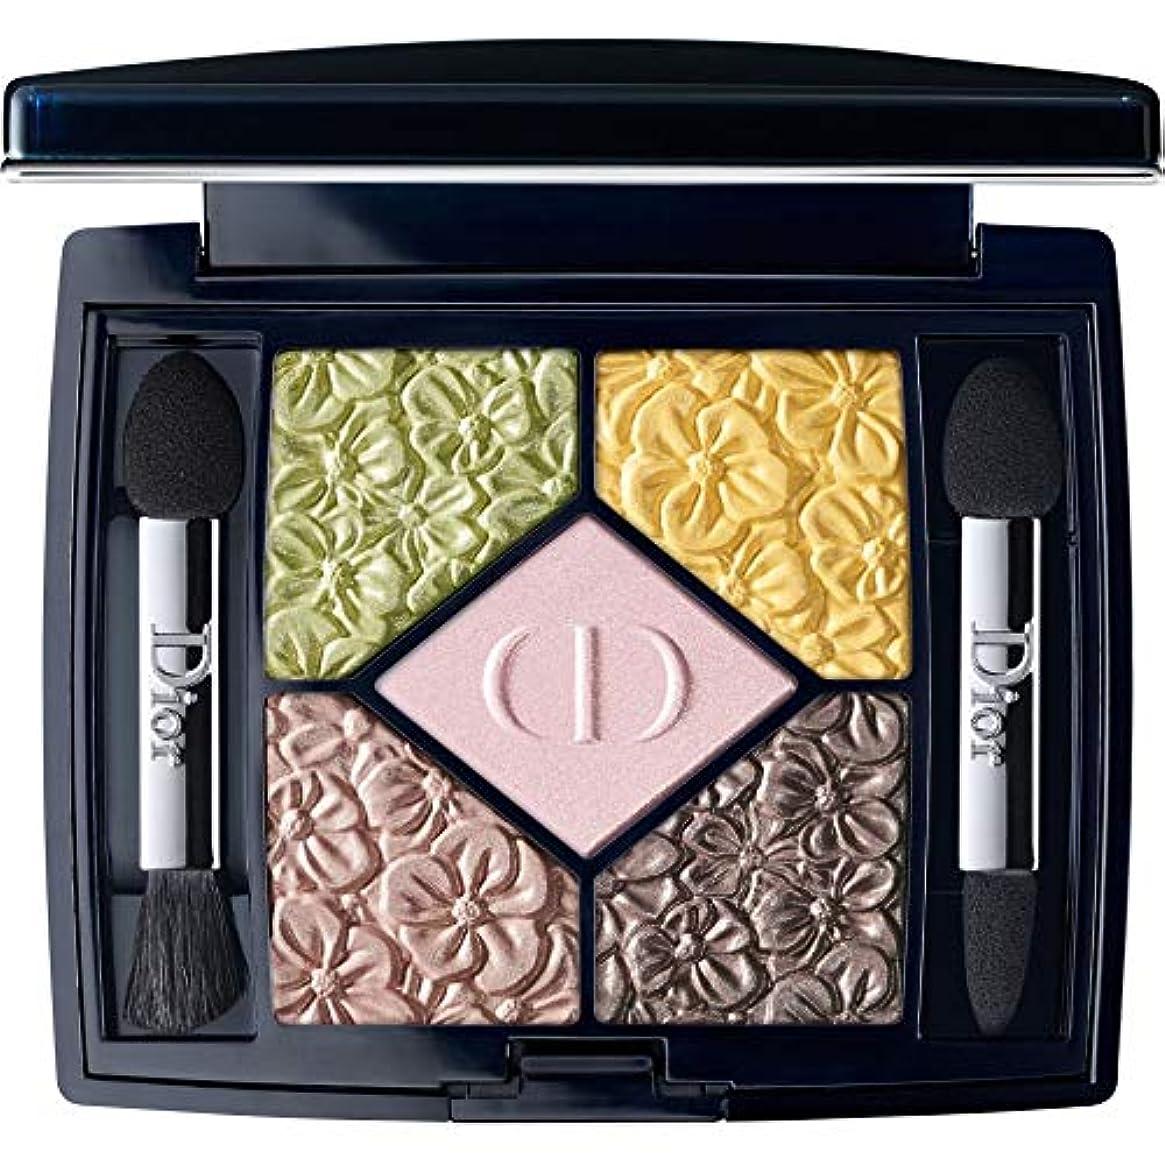 といちゃつく松[Dior ] ディオールの庭園版クチュールカラー&エフェクトアイシャドウパレット4.5グラム451を輝く5 Couleursは - バラ園 - DIOR 5 Couleurs Glowing Gardens Edition...